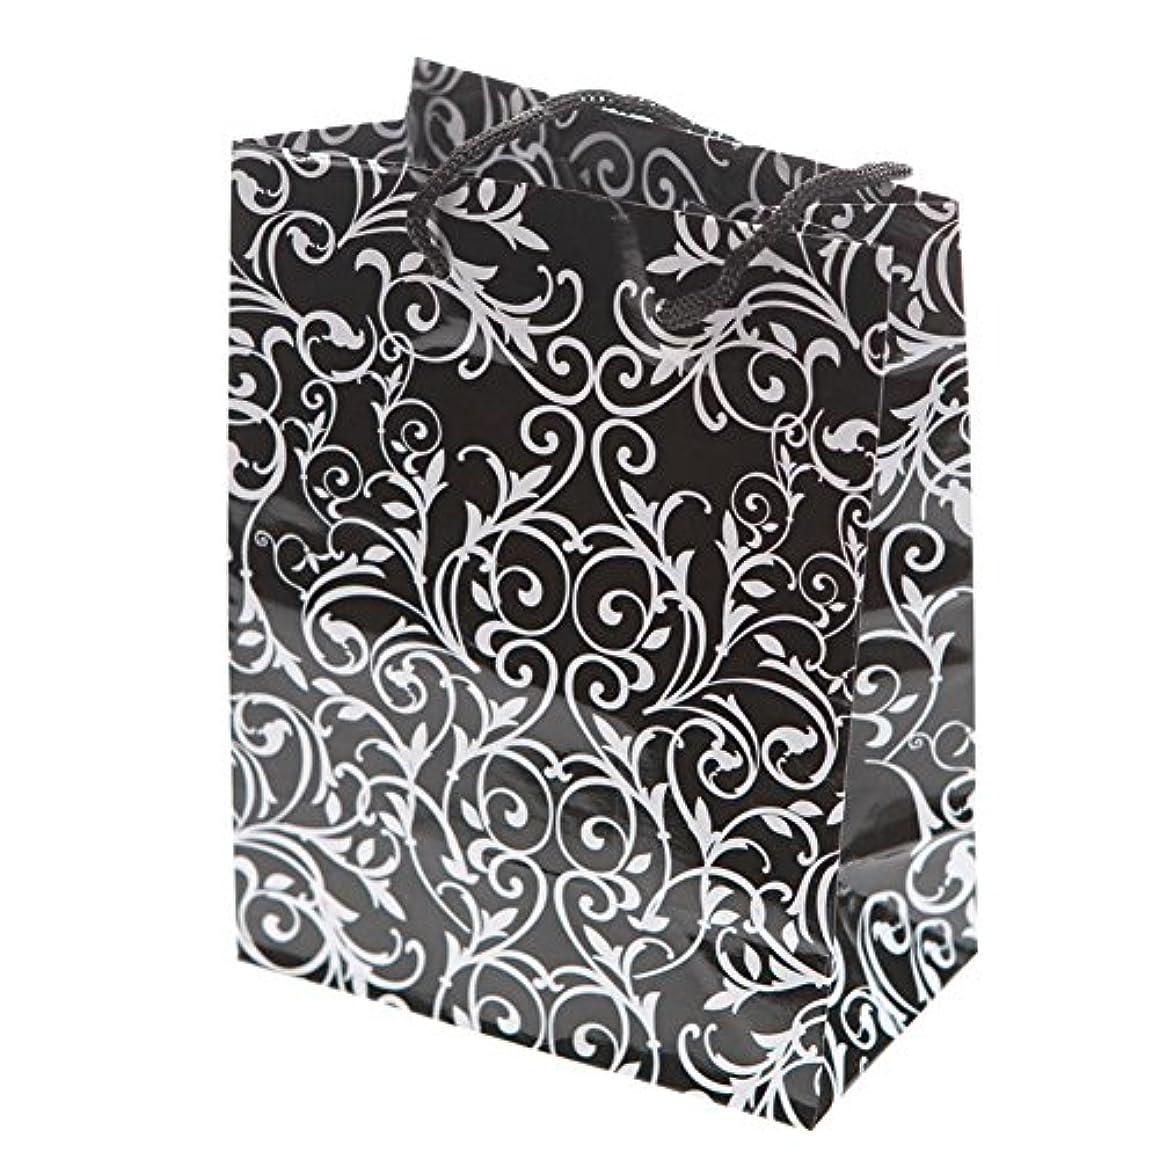 Small Black & White Wedding Gift Bags (1 dozen) - Bulk [Toy]